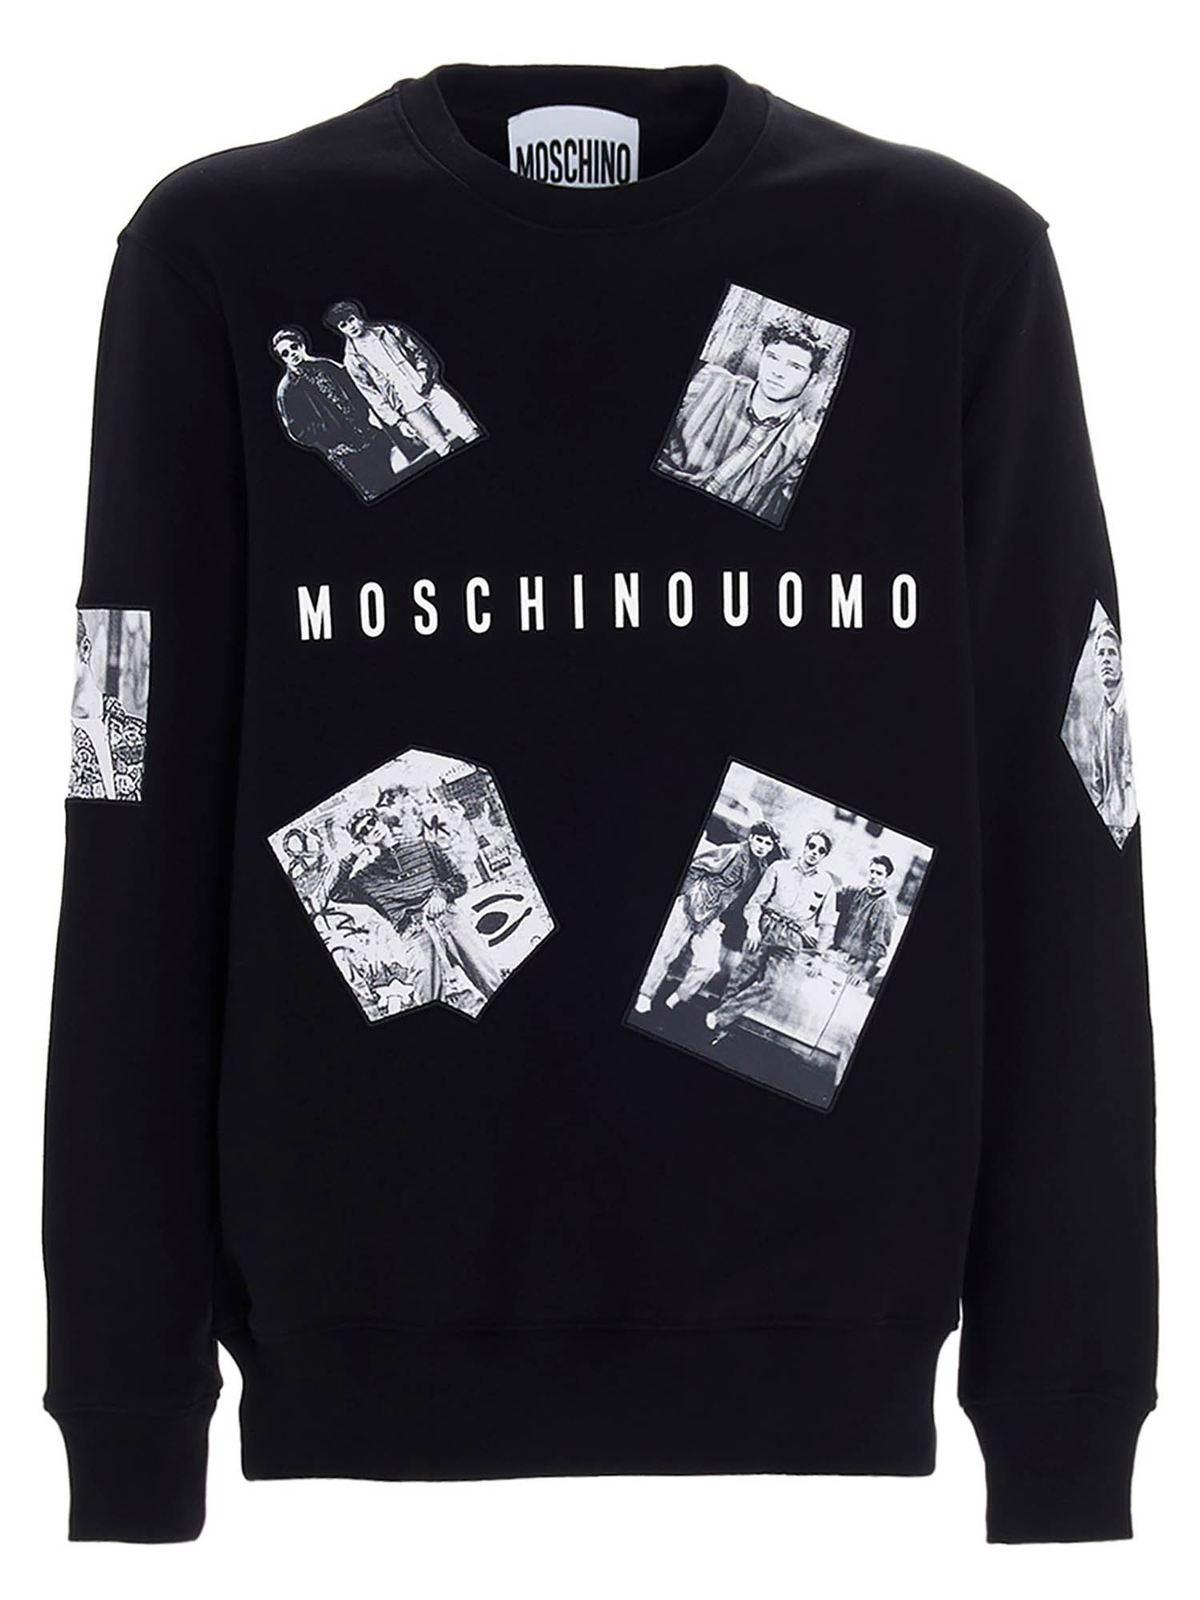 Moschino PHOTOGRAPHIC CHARACTERS SWEATSHIRT IN BLACK